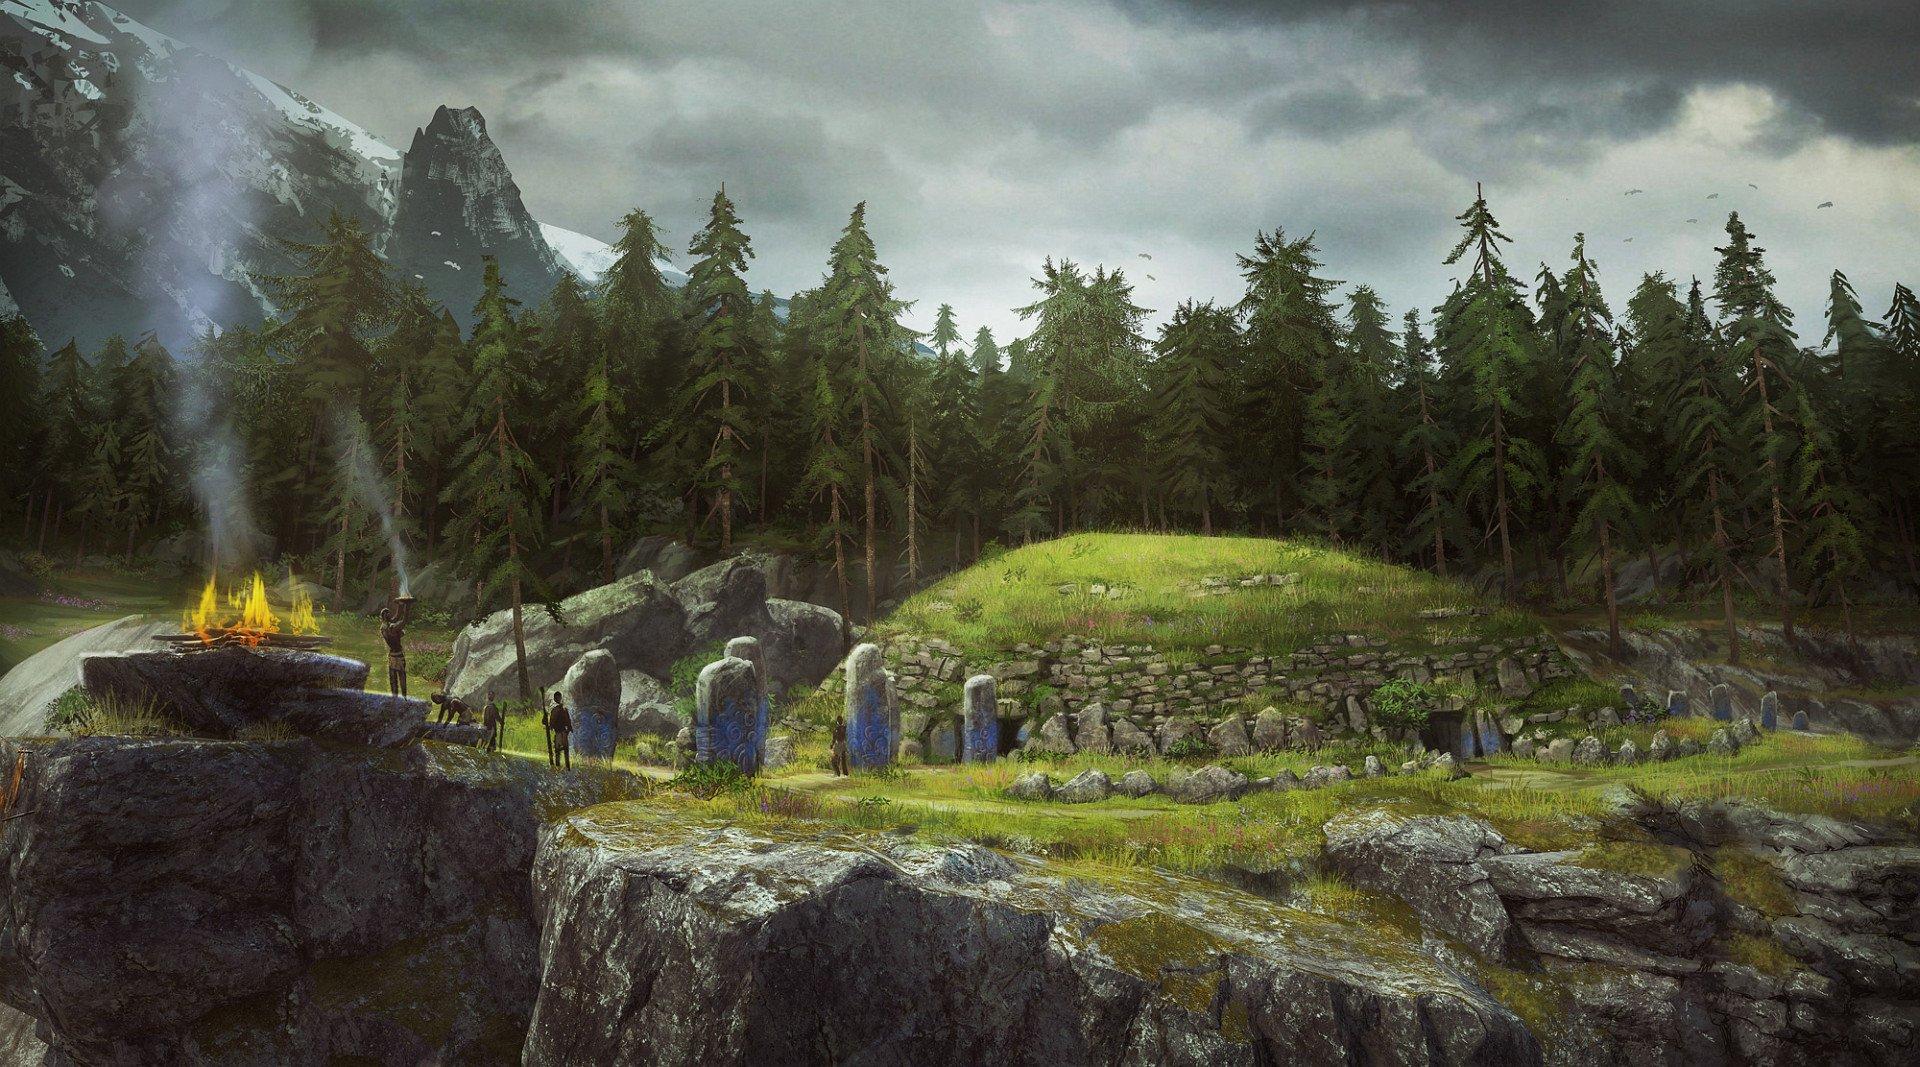 Ubisoft anticipa el anuncio de una aventura de supervivencia en un mundo prehistórico Far_cry_primal-3208374